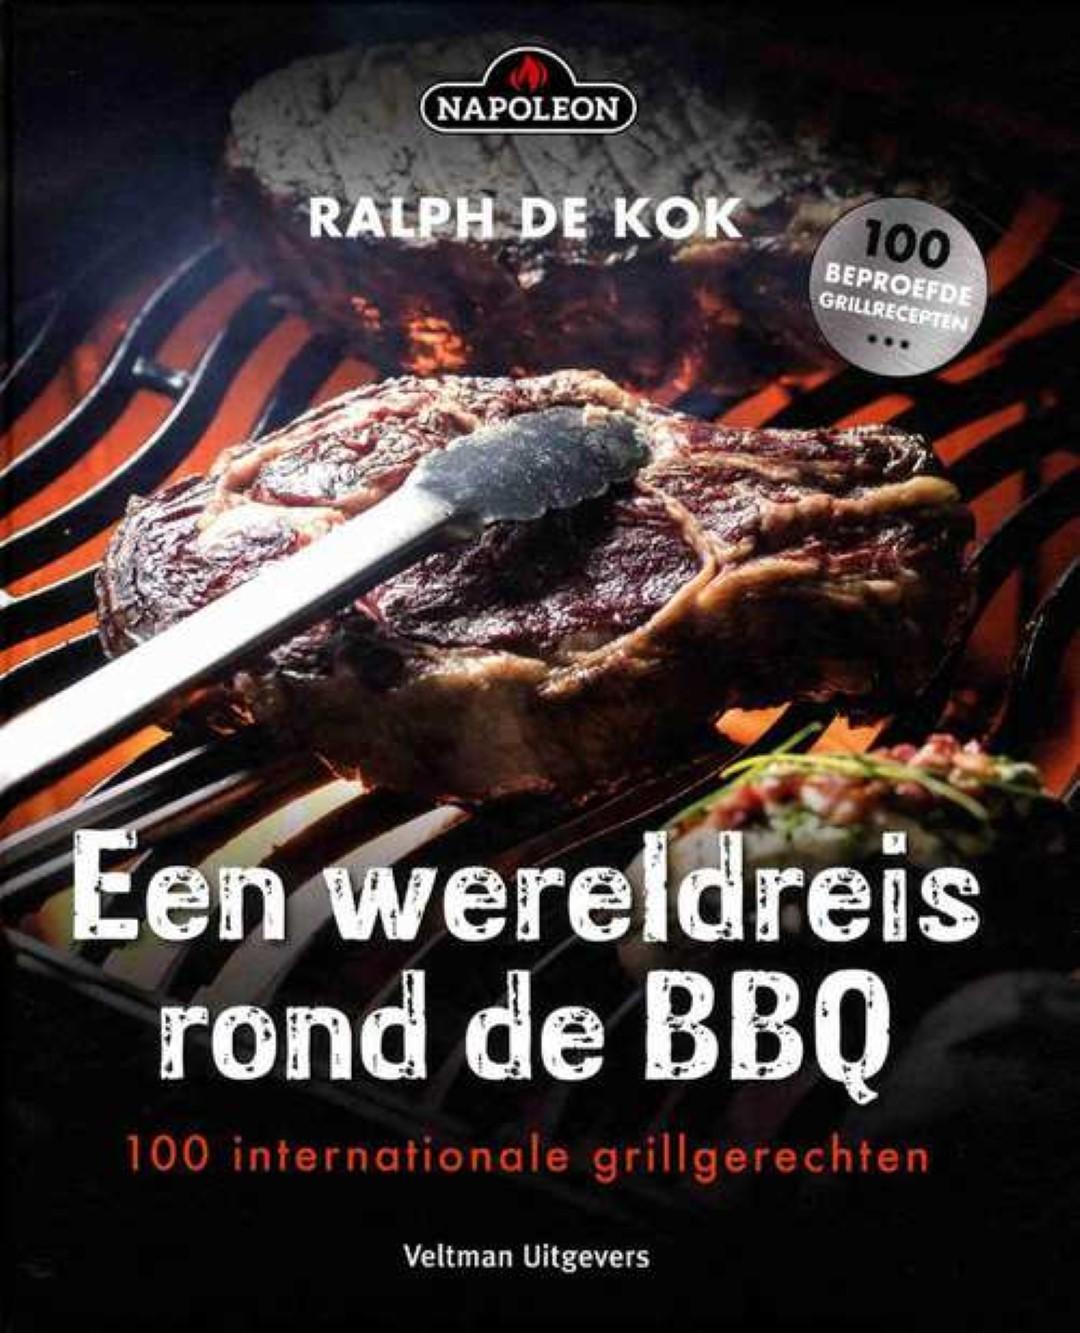 Napoleon Kookboek Een wereldreis rond de BBQ